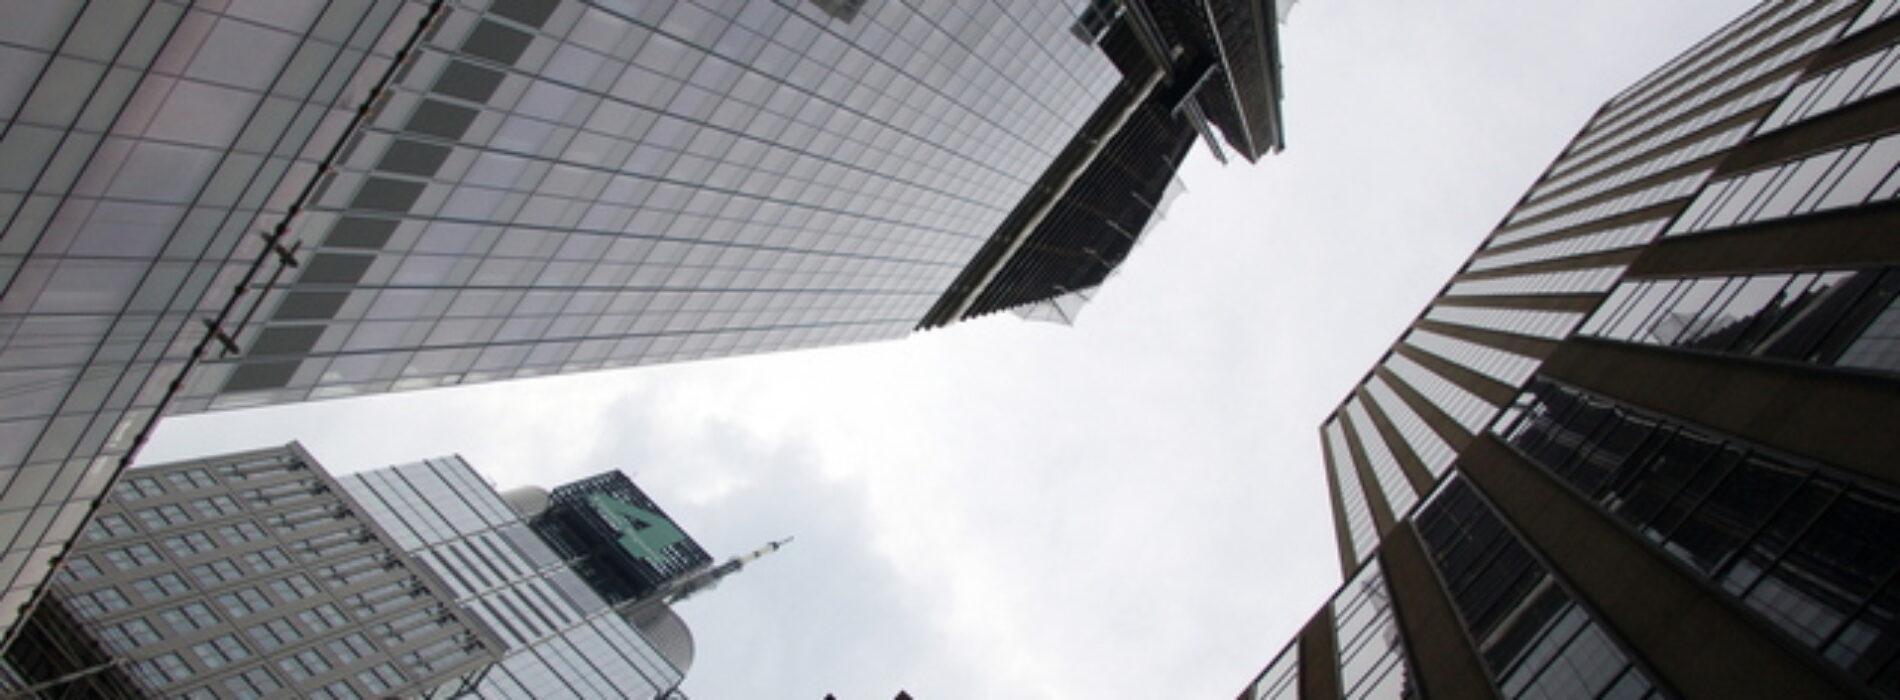 Dlaczego Forex jest tak popularny i dlaczego Ty również powinieneś rozpocząć inwestowanie?